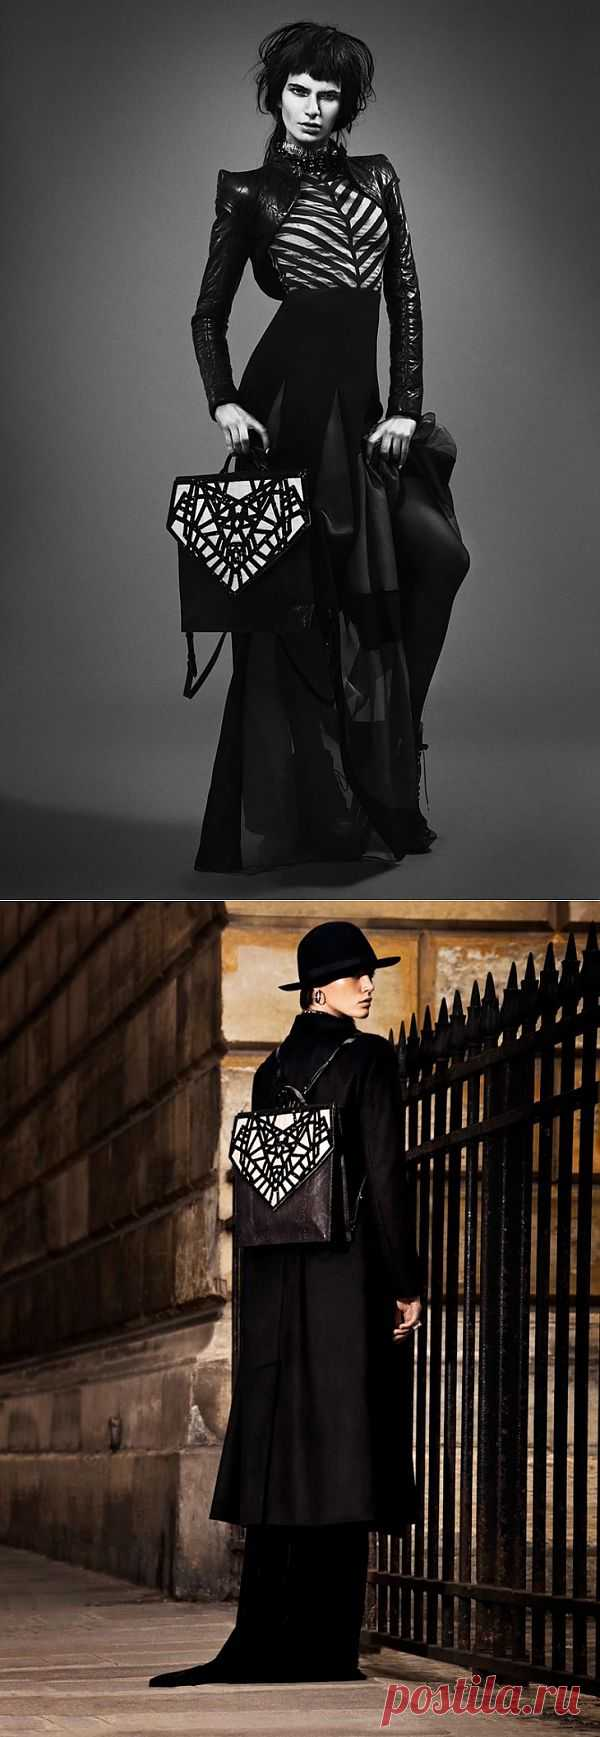 Замечательный портфель / Сумки, клатчи, чемоданы / Модный сайт о стильной переделке одежды и интерьера